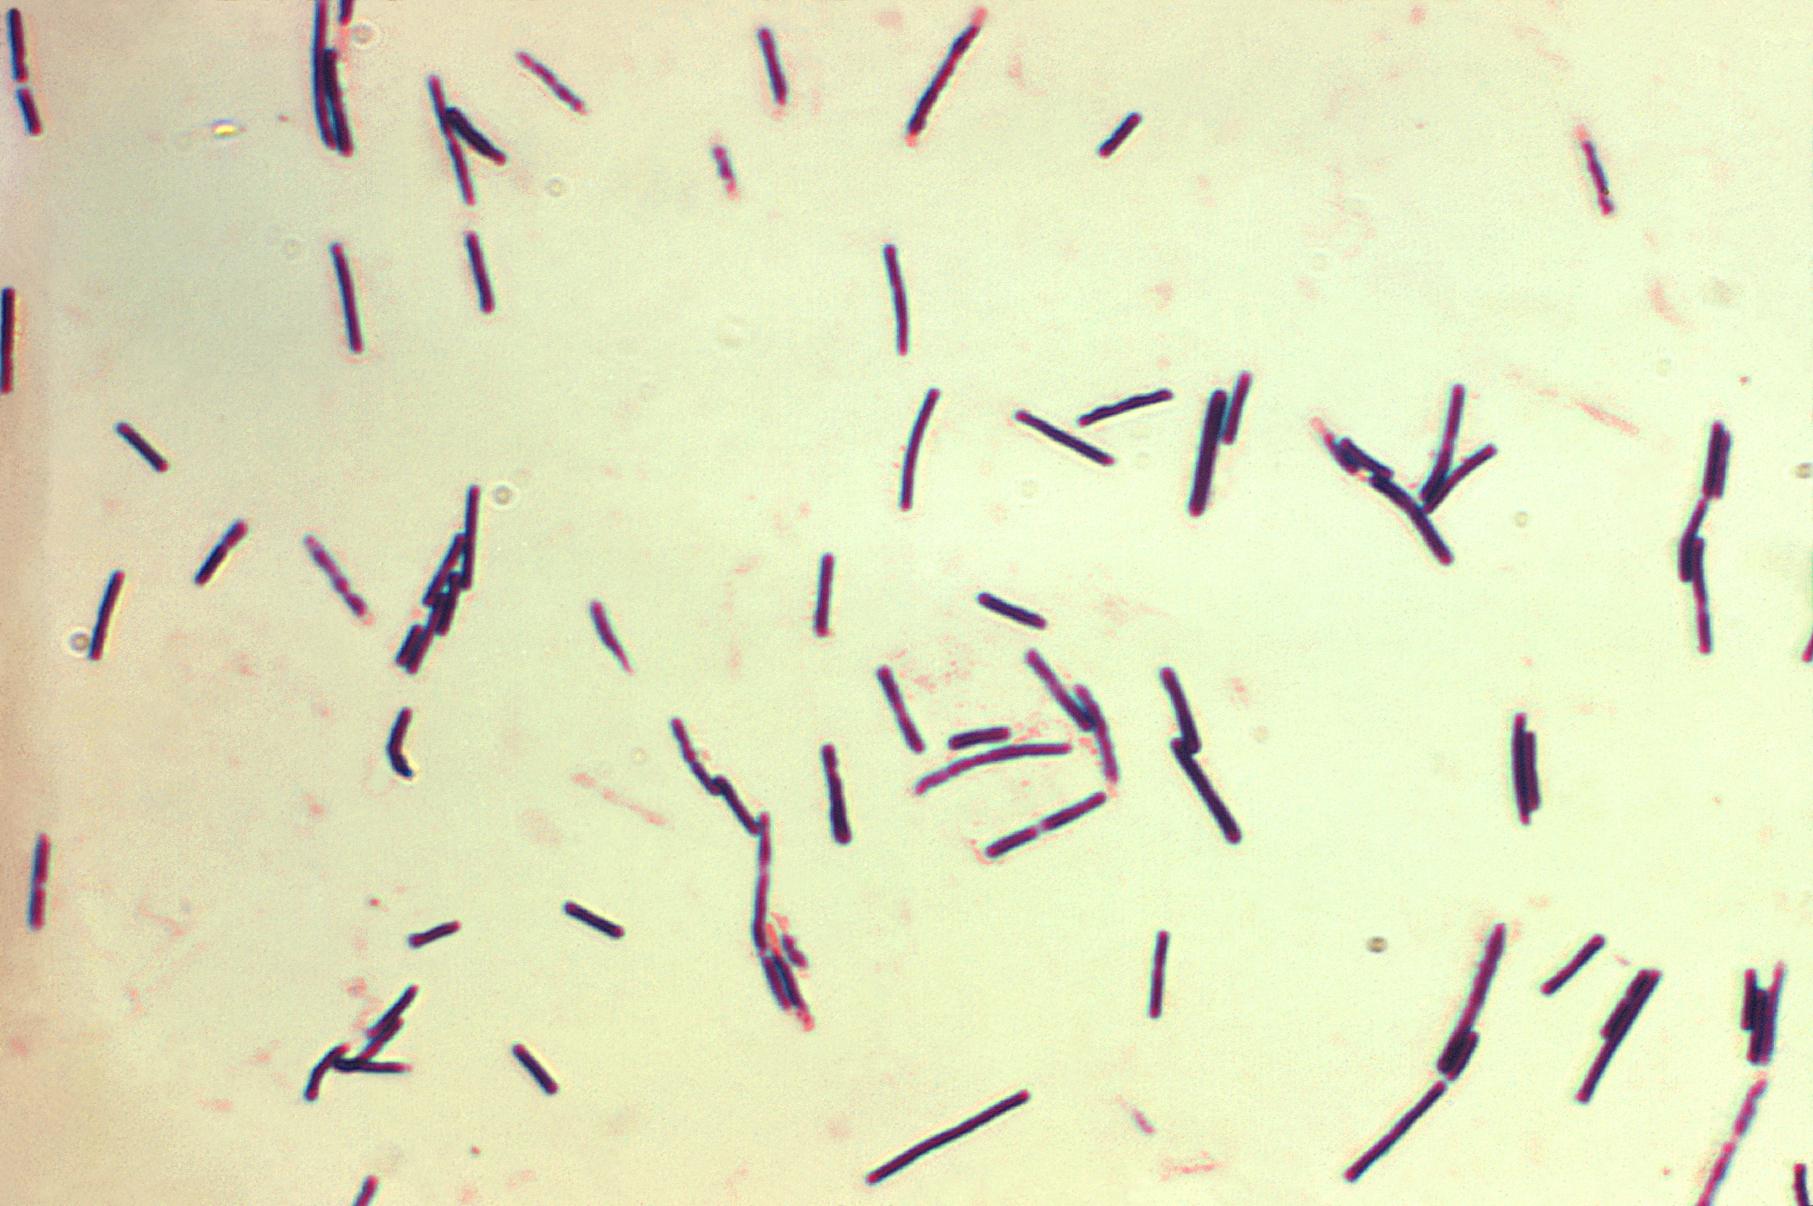 Mennyi az enterobiosis a klinikán, A tojásféreg és az enterobiosis elemzése mennyi